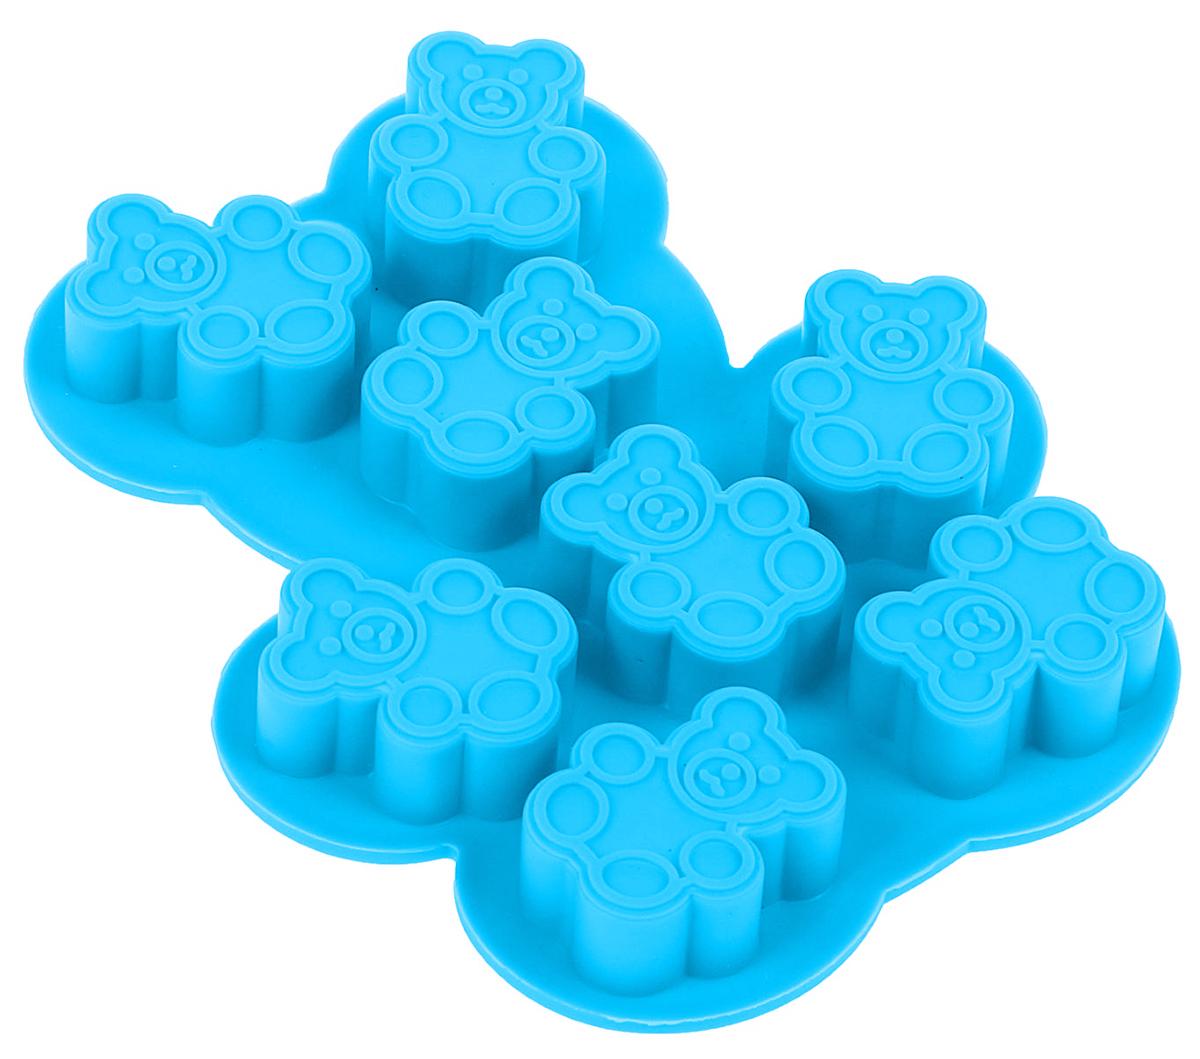 Форма для льда и шоколада Доляна Мишки, цвет: голубой, 8 ячеек, 13 х 11 х 1,5 см1540896Фигурная форма для льда и шоколада Доляна Мишки выполнена из пищевого силикона, который не впитывает запахов, отличается прочностью и долговечностью. Материал полностью безопасен для продуктов питания. Кроме того, силикон выдерживает температуру от -40°С до +250°С, что позволяет использовать форму в духовом шкафу и морозильной камере. Благодаря гибкости материала готовый продукт легко вынимается и не крошится.С помощью такой формы можно приготовить оригинальные конфеты и фигурный лед. Приготовить миниатюрные украшения гораздо проще, чем кажется. Наполните силиконовую емкость расплавленным шоколадом, мастикой или водой и поместите в морозильную камеру. Вскоре у вас будут оригинальные фигурки, которые сделают запоминающимся любой праздничный стол! В формах можно заморозить сок или приготовить мини-порции мороженого, желе, шоколада или другого десерта. Особенно эффектно выглядят льдинки с замороженными внутри ягодами или дольками фруктов. Заморозив настой из трав, можно использовать его в косметологических целях.Форма легко отмывается, в том числе в посудомоечной машине.